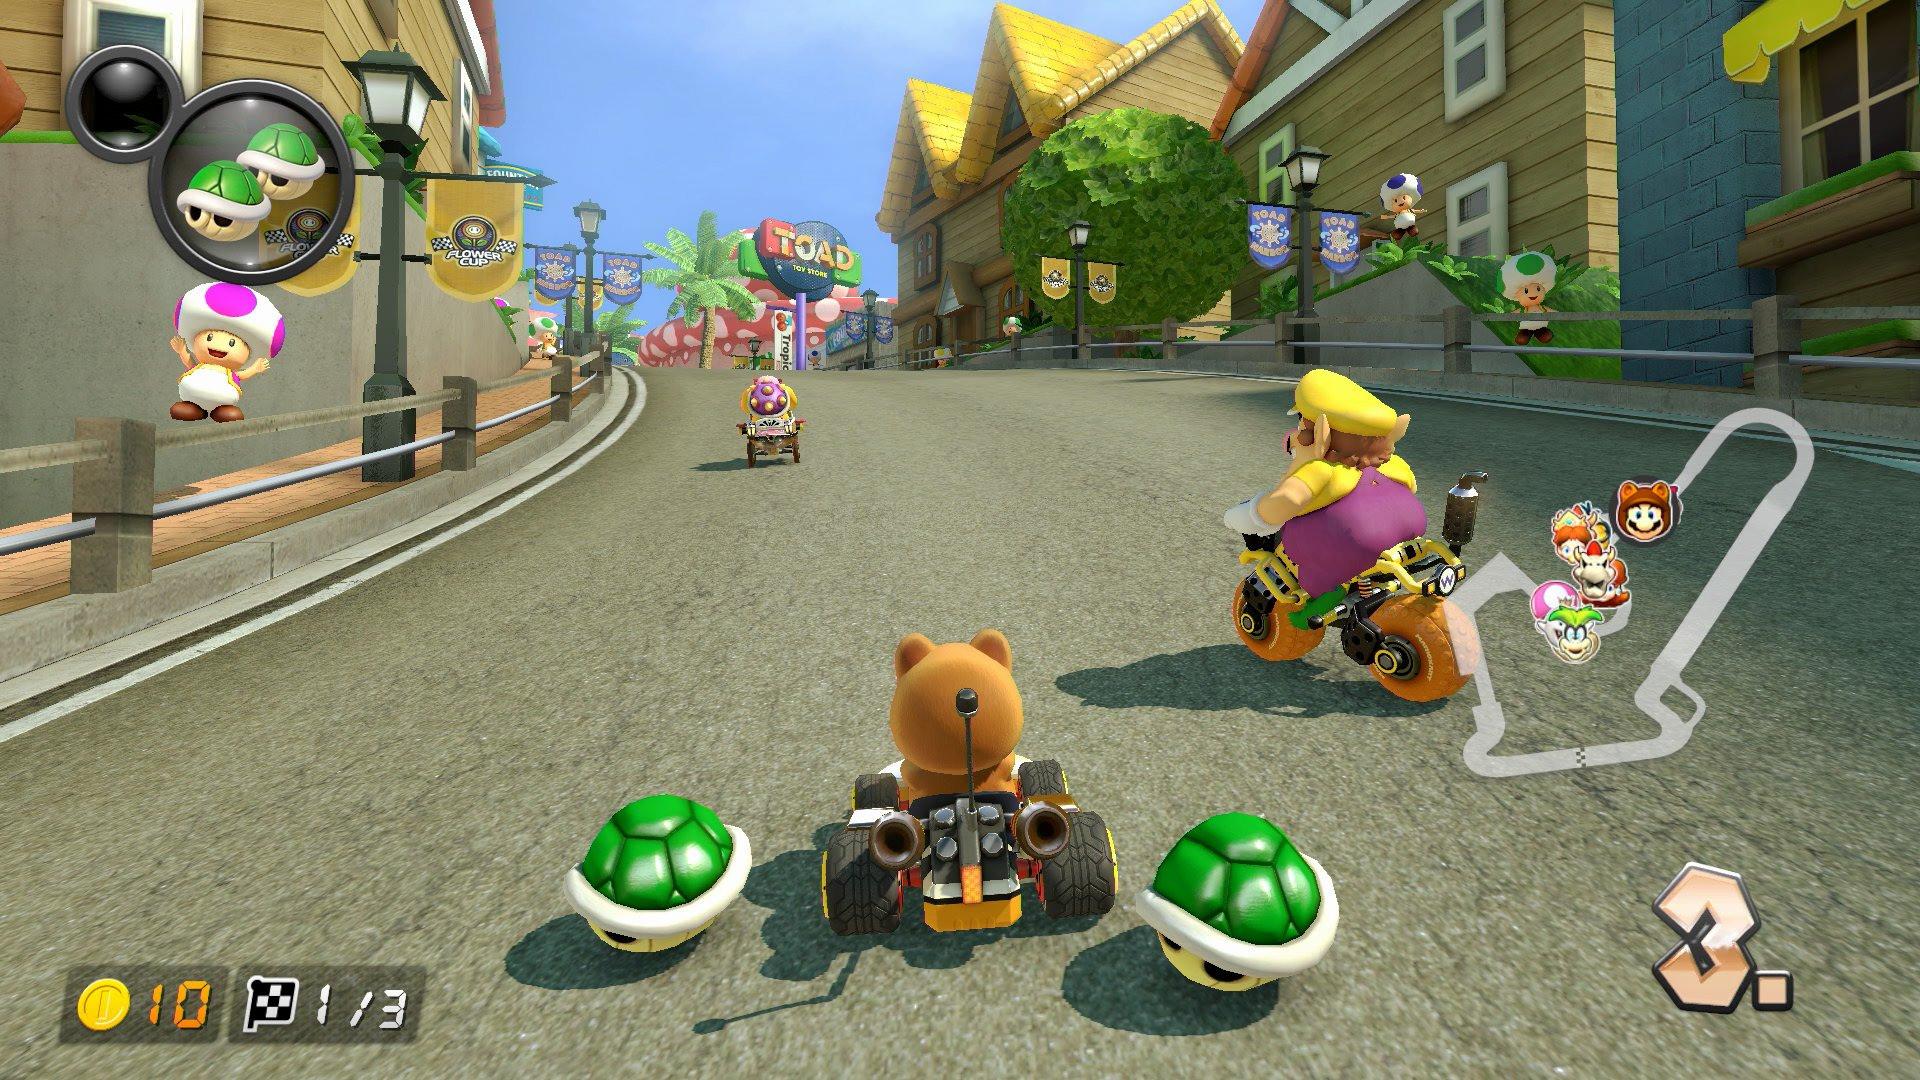 Ausmalbilder Mario Kart Genial Ausmalbilder Mario Kart 8 Uploadertalk Einzigartig Ausmalbilder Sammlung